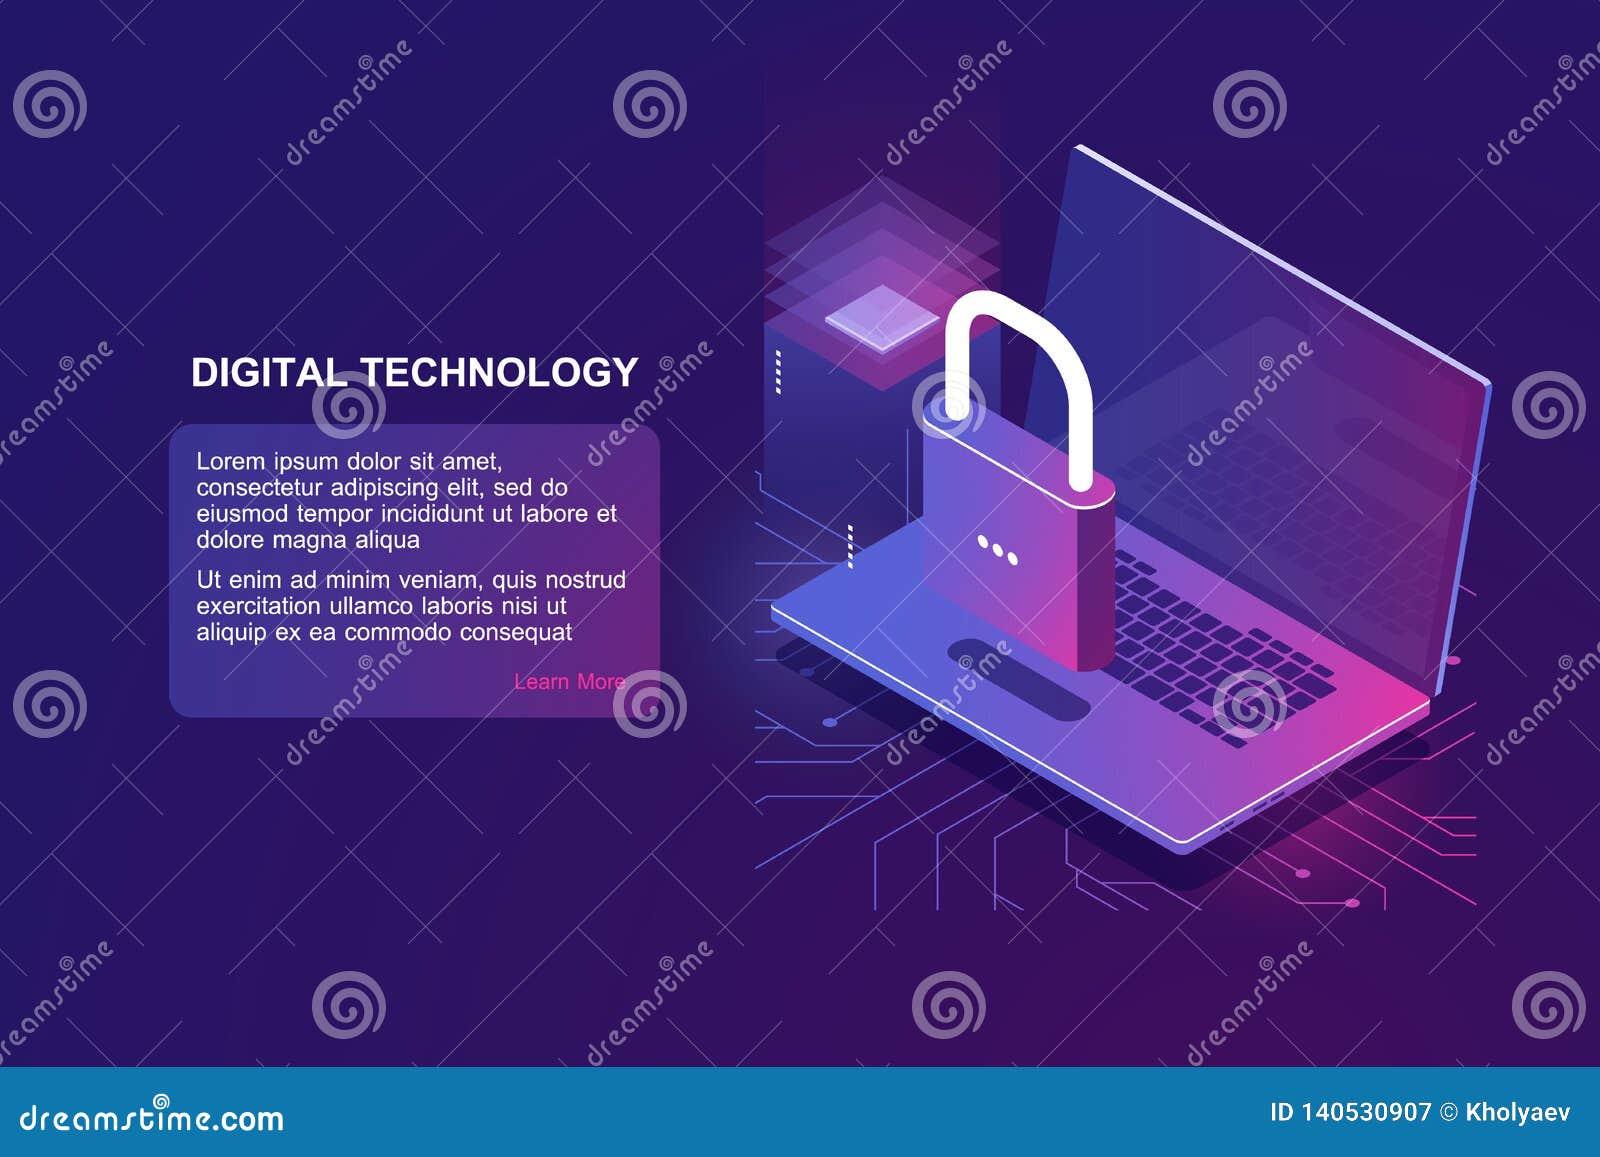 Bärbar dator med låset, isometrisk symbol för datorsäkerhet, dataskydd, säkerhet i internet, personlig information om skydd